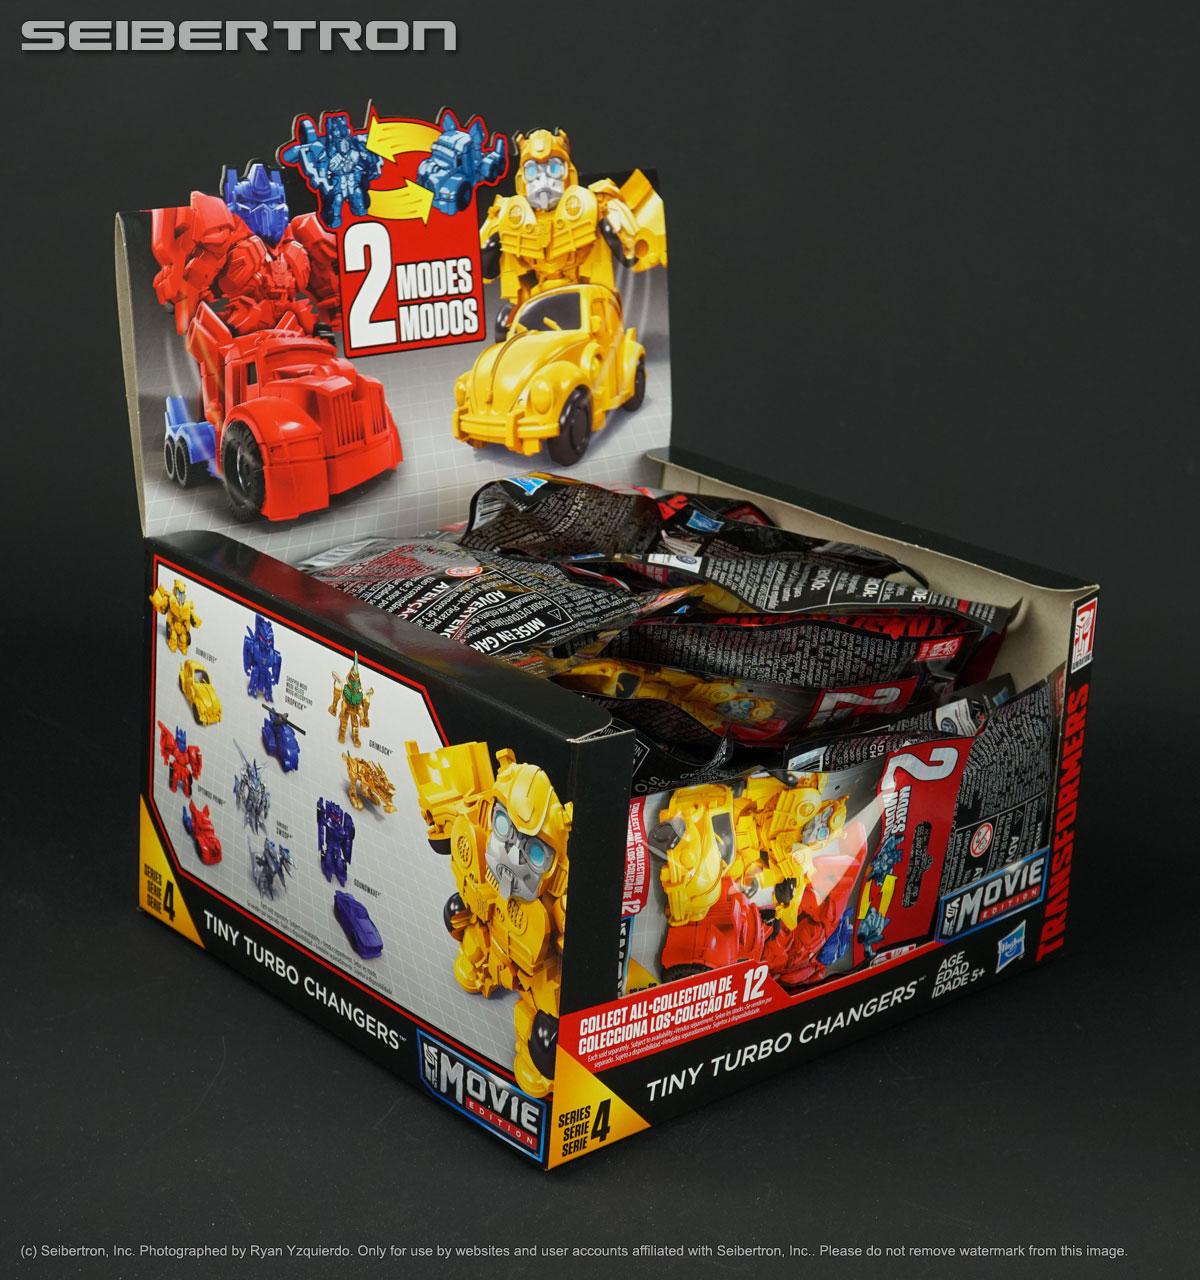 Quatre Série 3 transformateurs TINY TURBO changeurs Movie Edition Hasbro génération